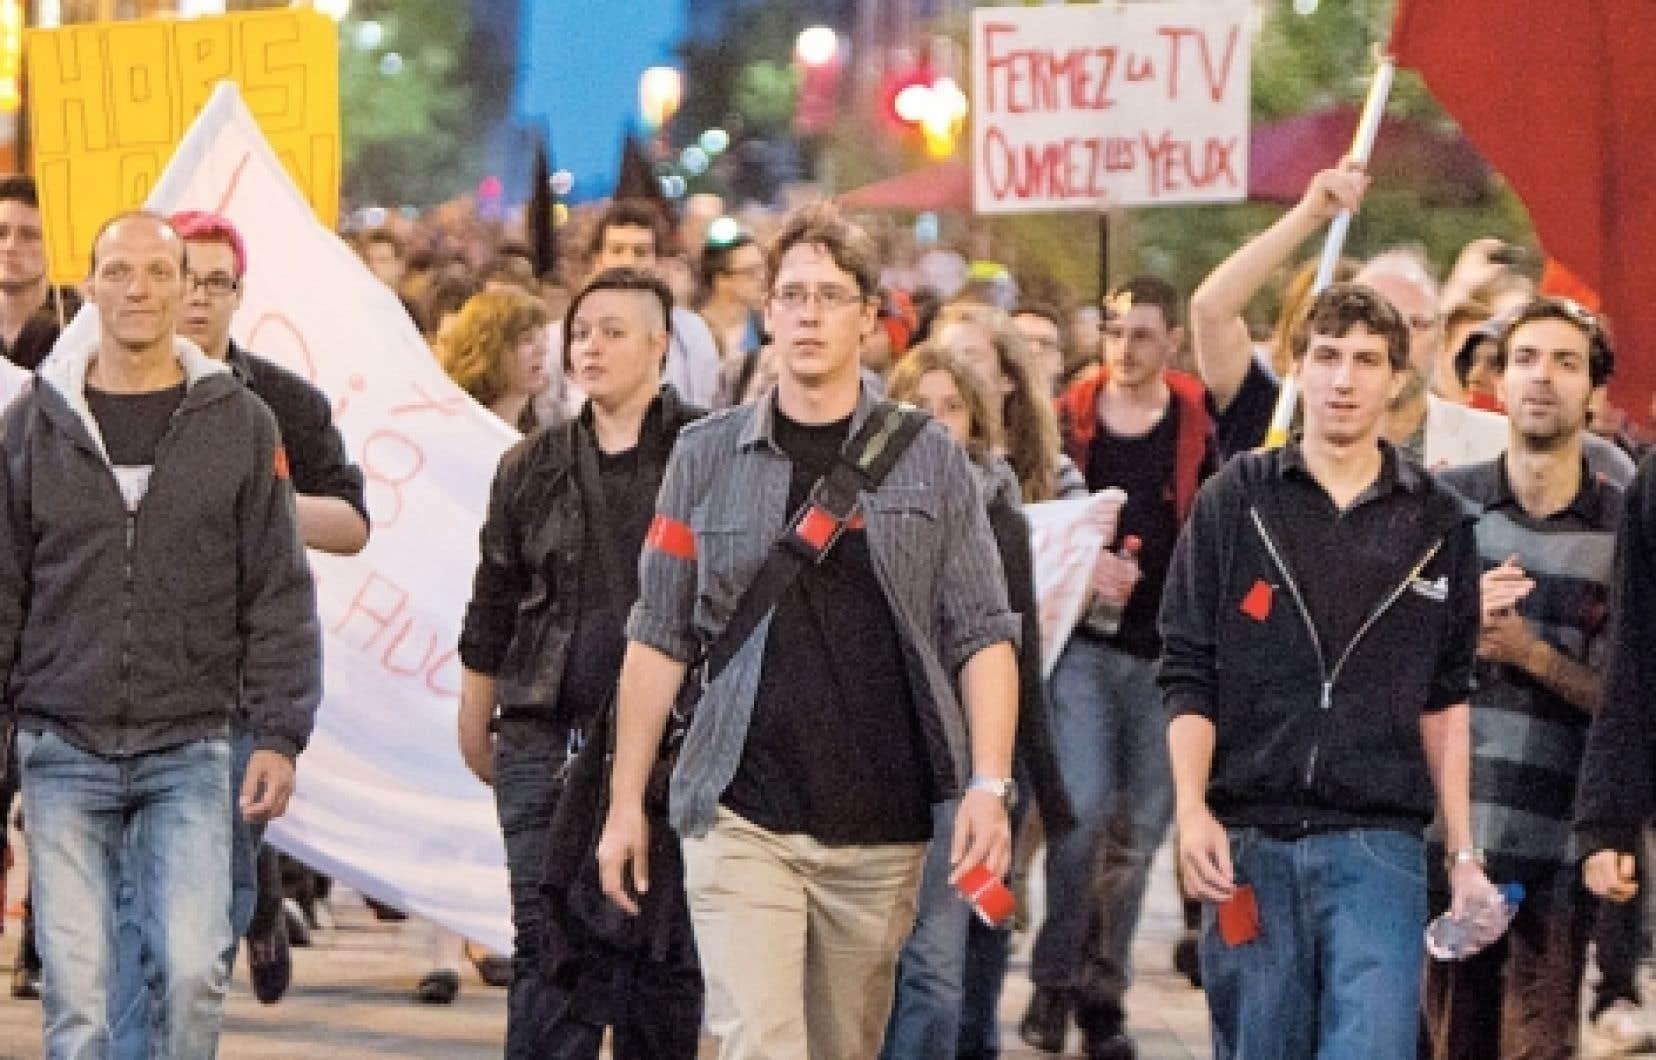 Voilà plus de trois mois que des associations étudiantes ont pris la rue pour dénoncer la hausse des droits de scolarité.